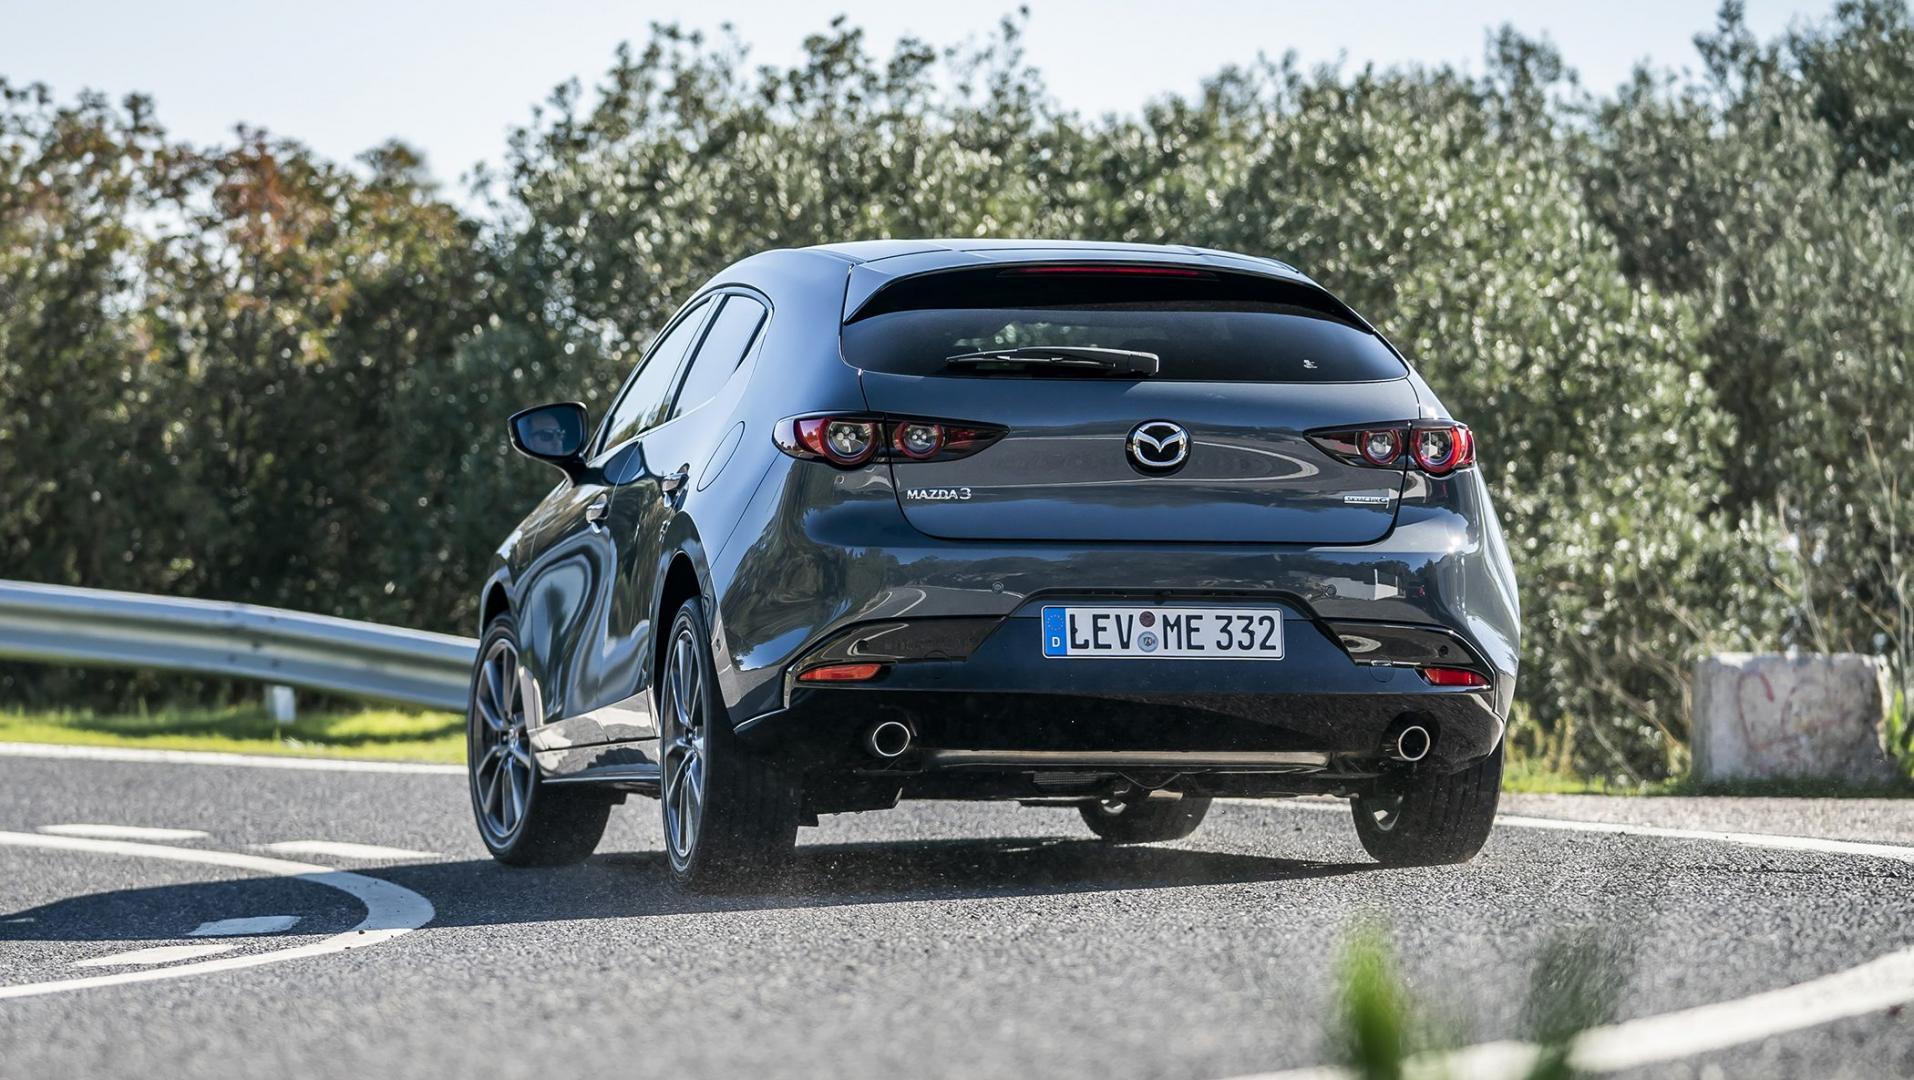 Mazda 3 2.0 SkyActiv-G 122 6MT Hatchback